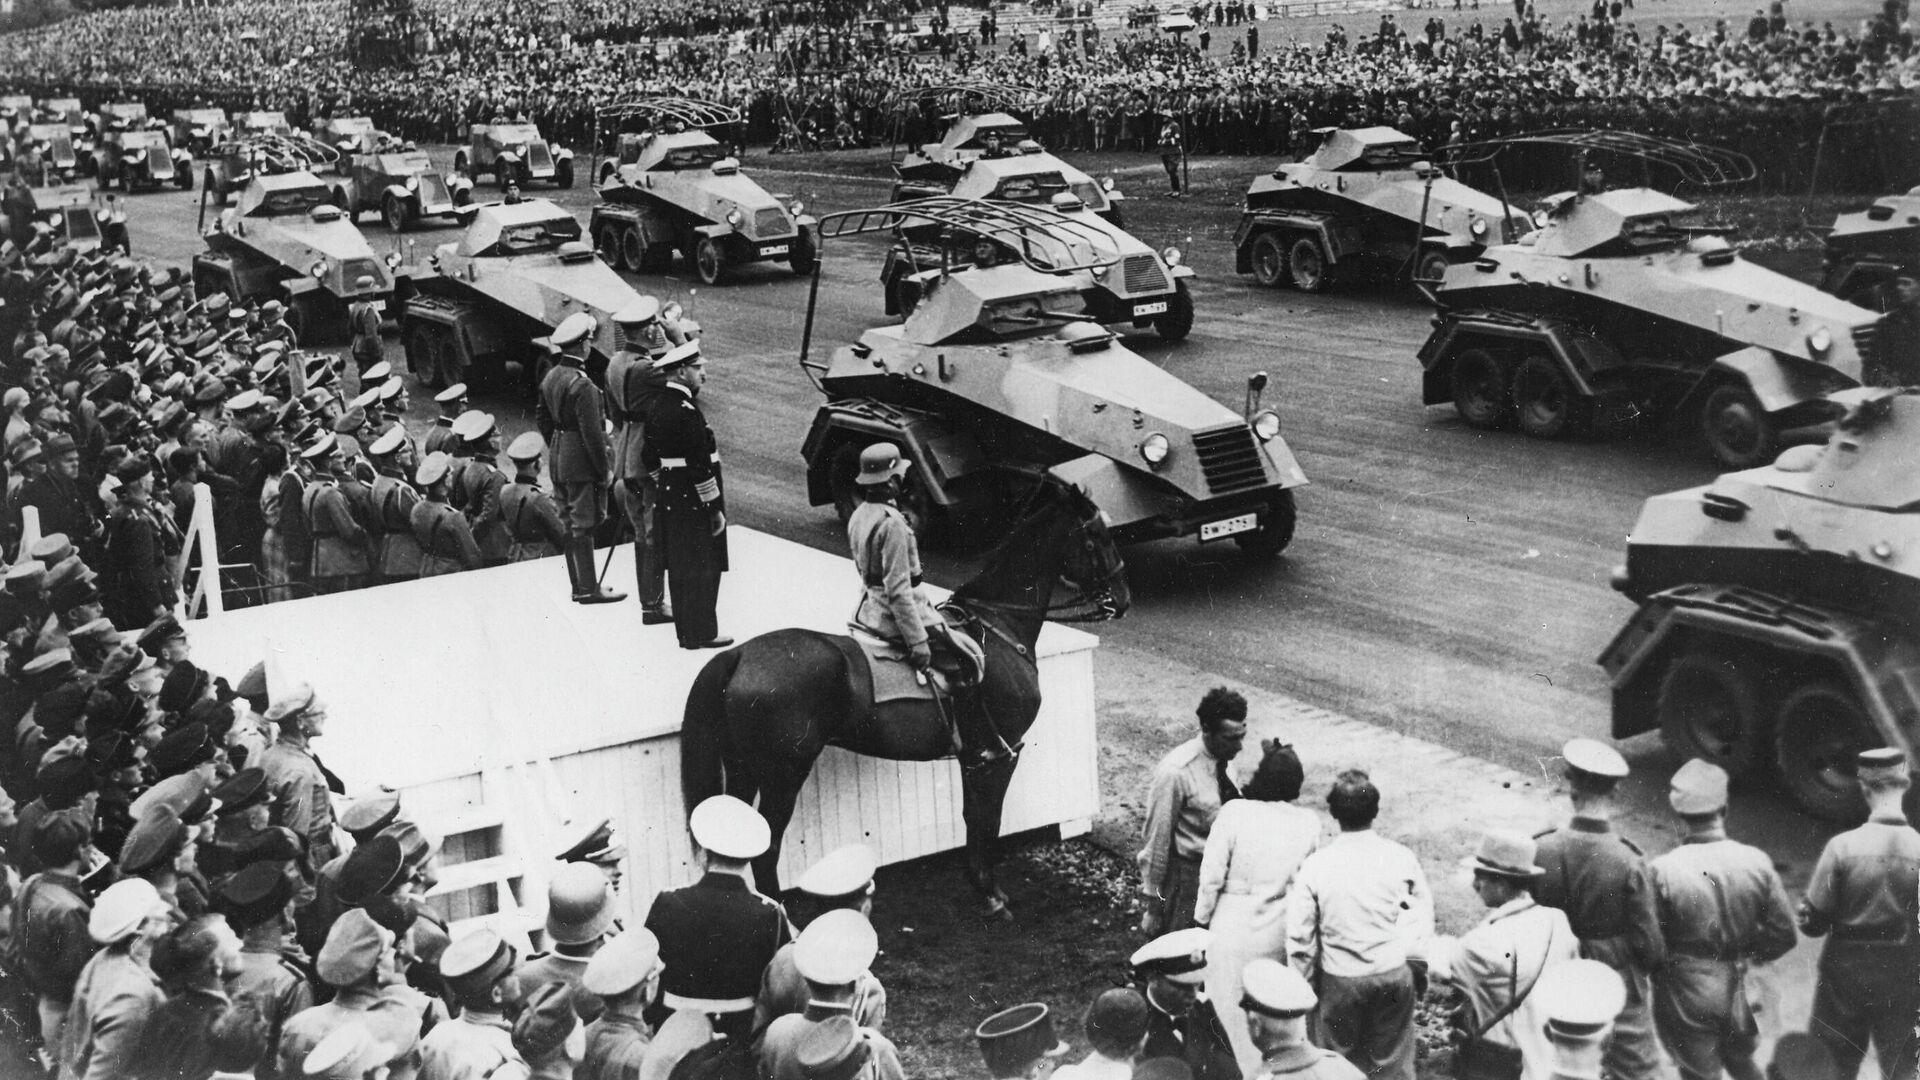 Бронетехника вермахта во время парада в Нюрнберге, Германия. 1938 - РИА Новости, 1920, 21.06.2021